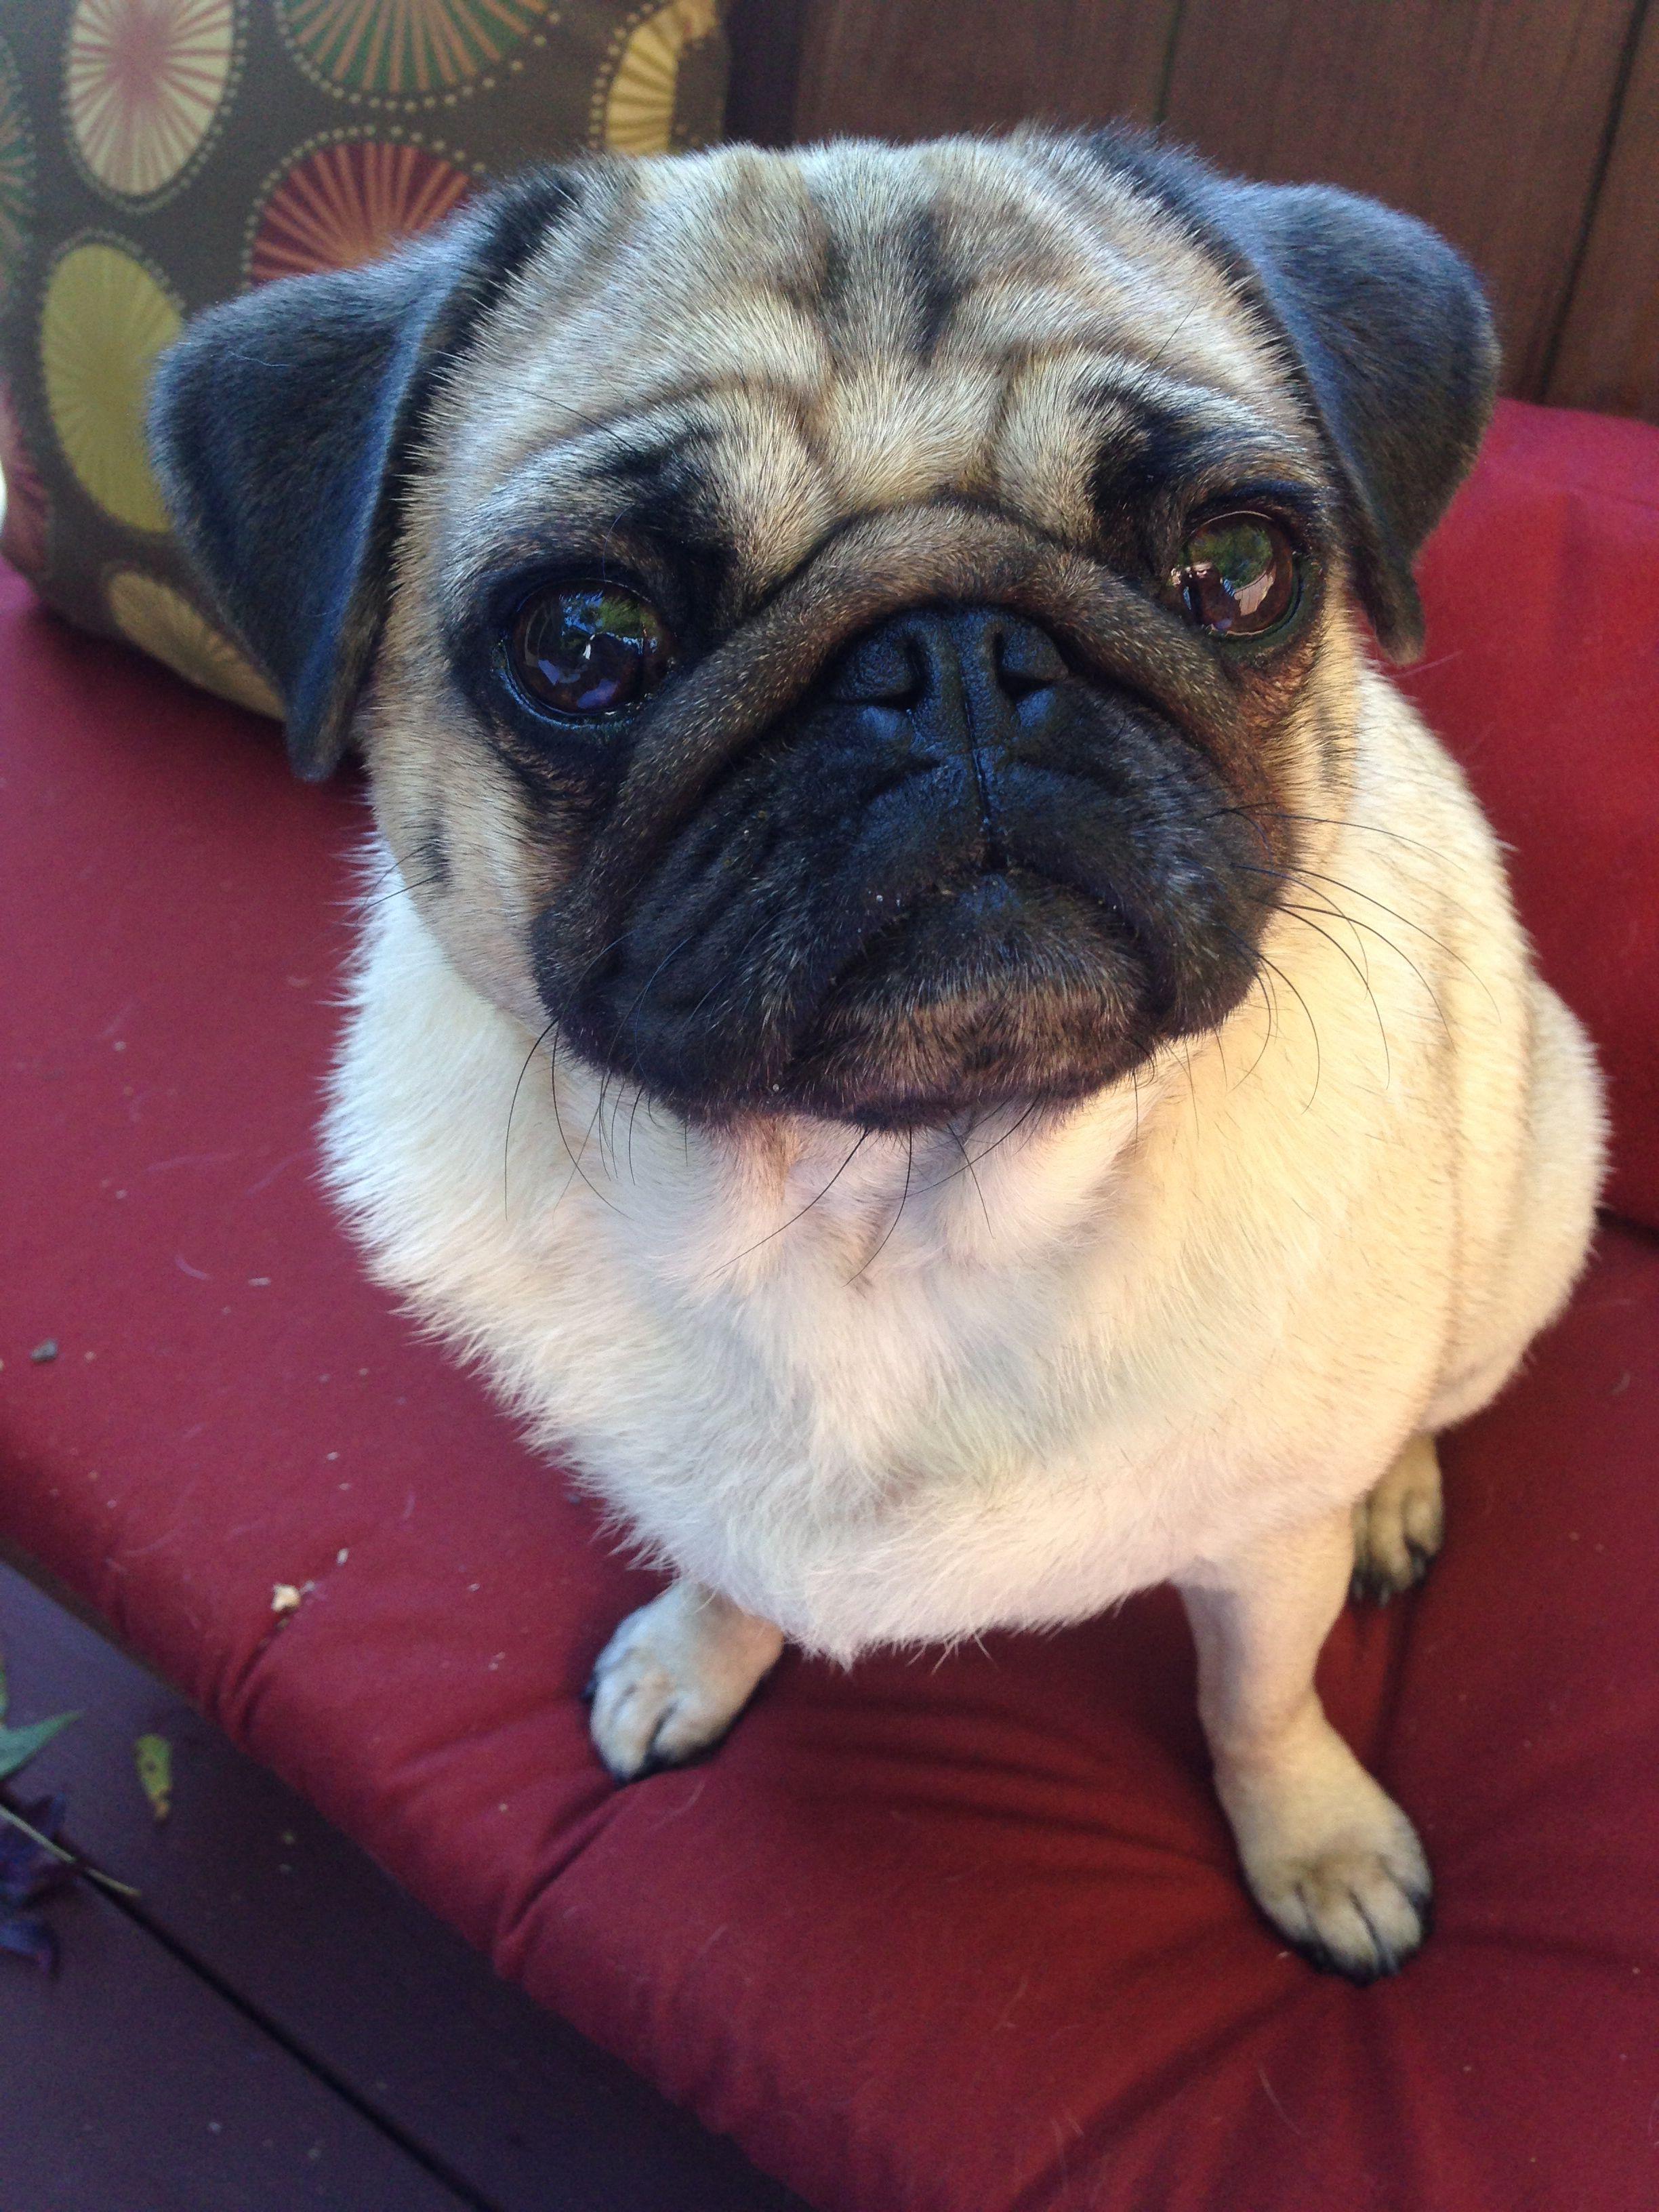 Our Sweet Pug Miss Emma Pugs